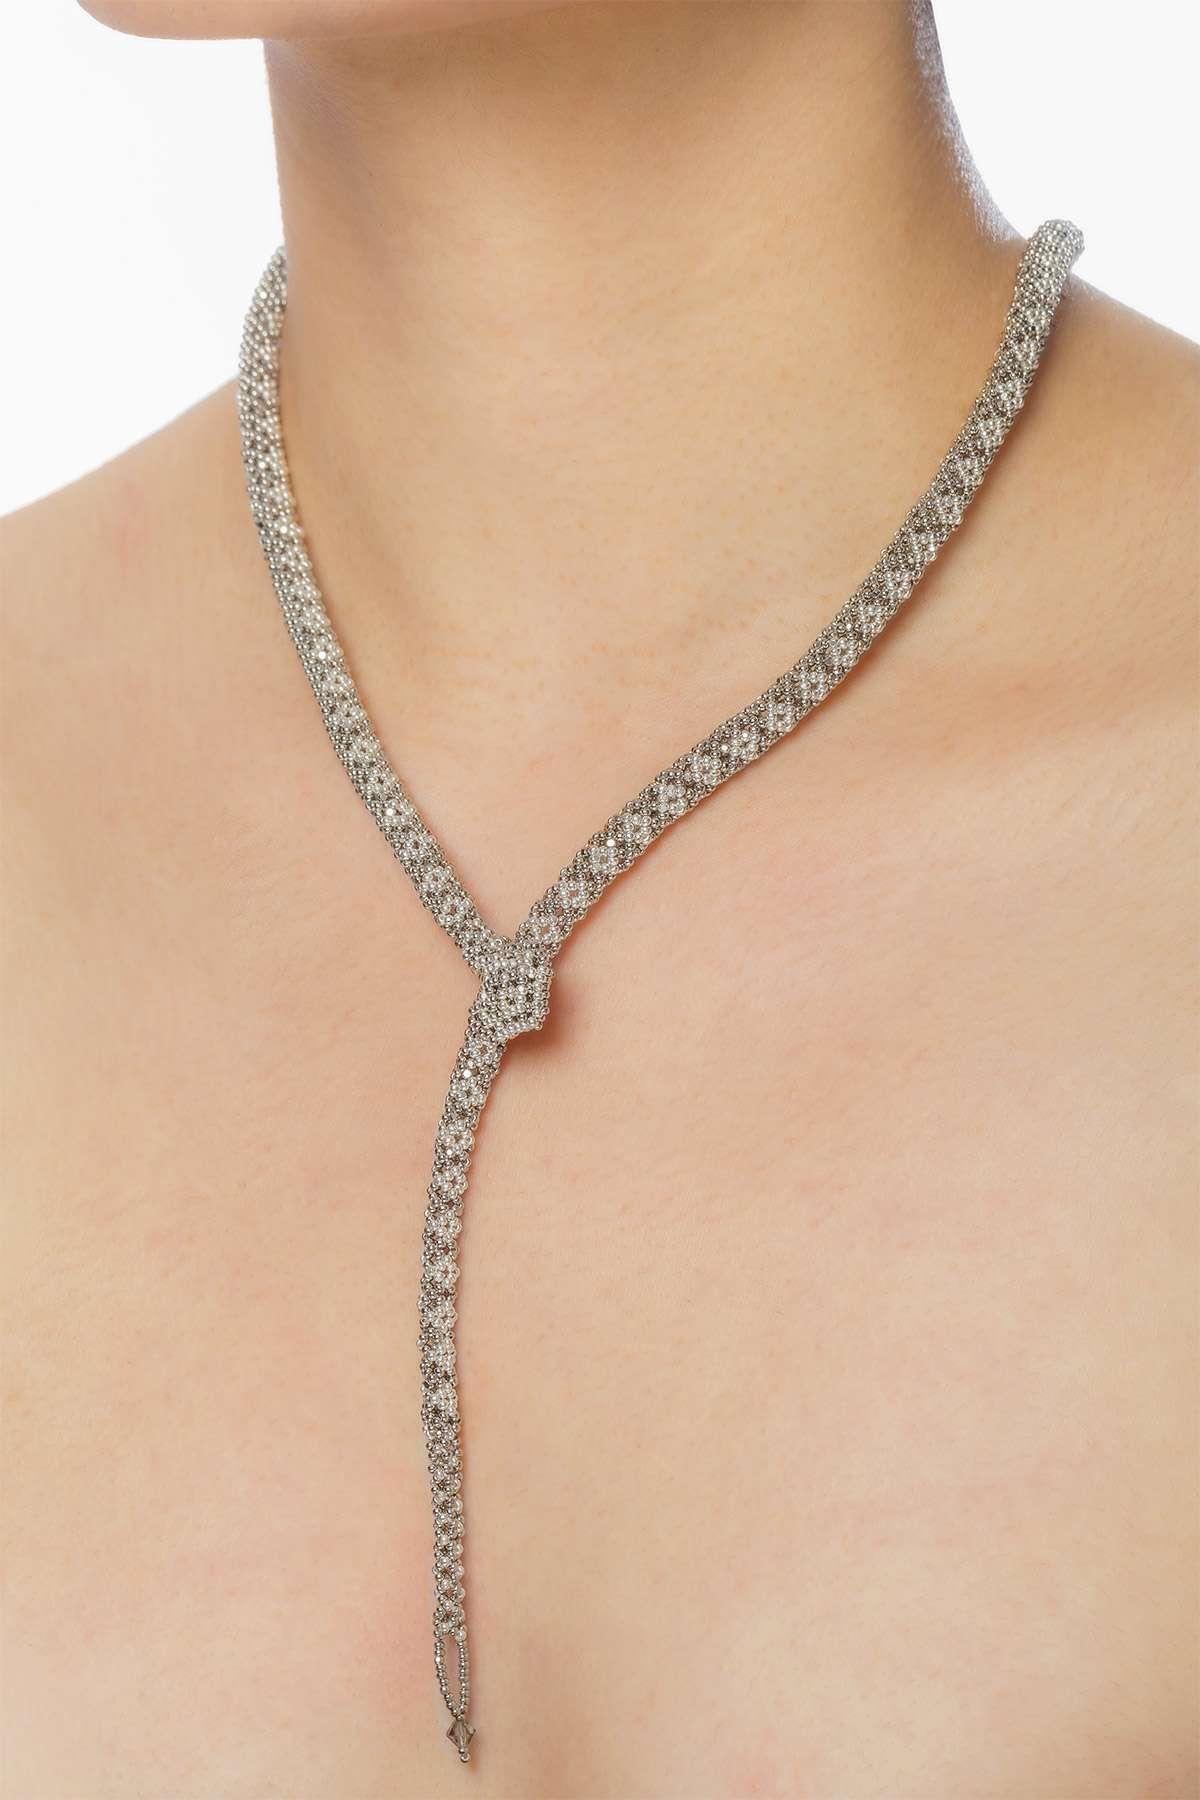 SER001-collar-serpiente-plata-platino-alt1